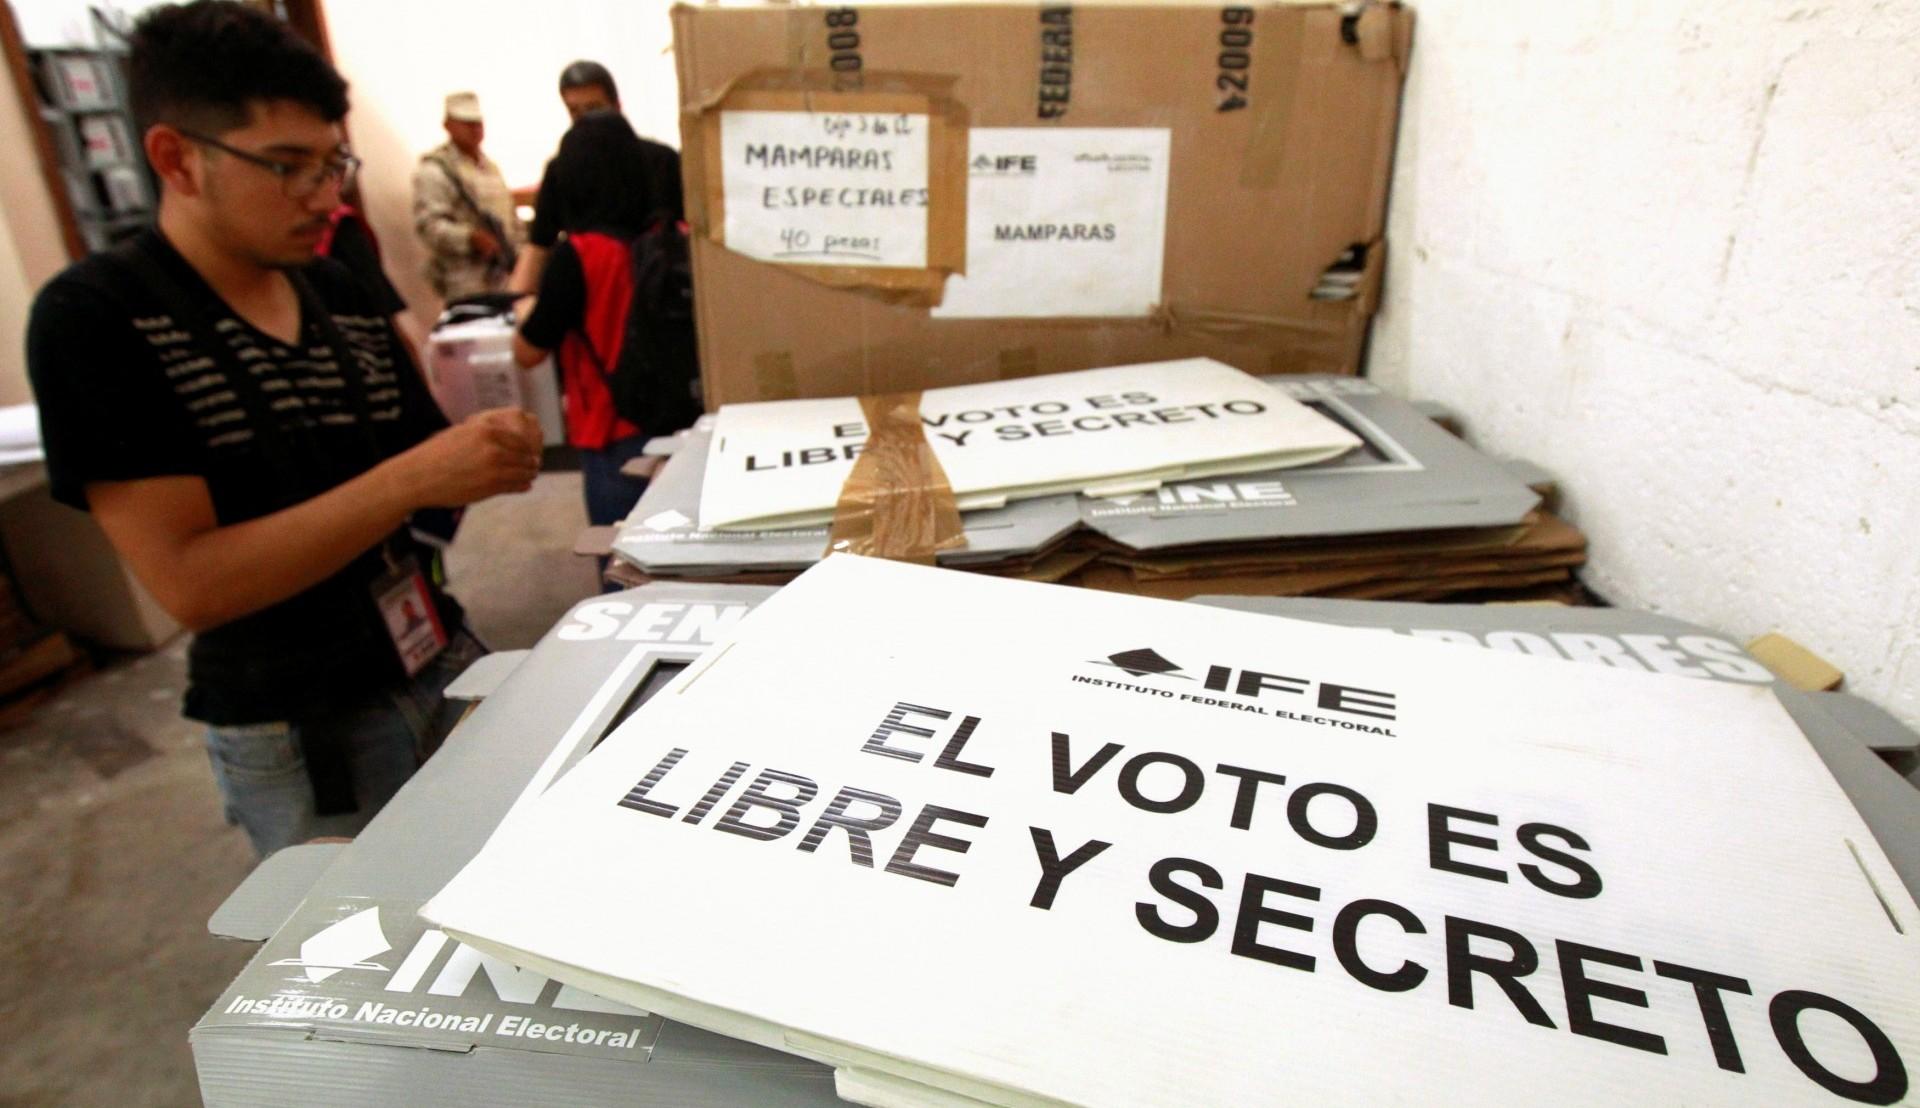 Empleados del Instituto Nacional Electoral alistan el material para la votación (Reuters)